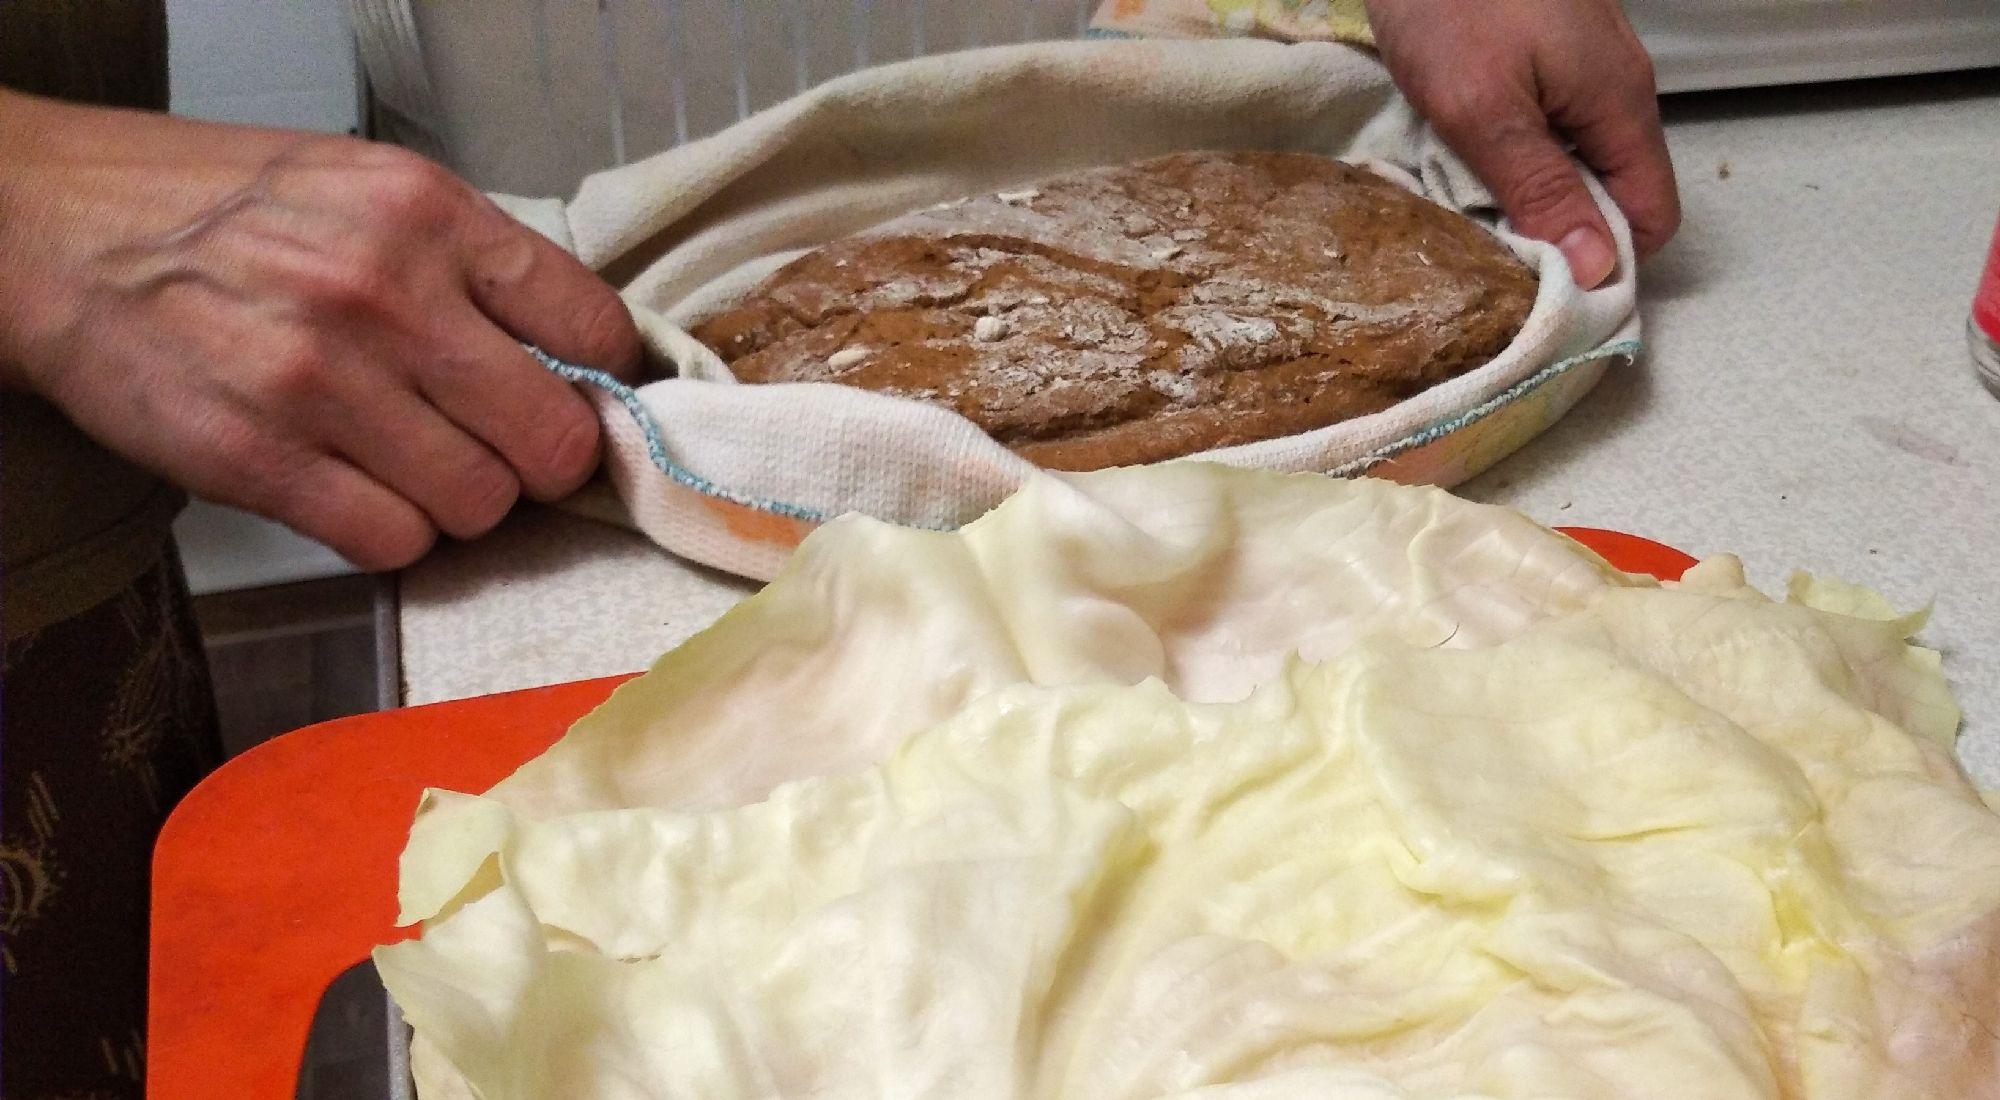 Долго не могли придумать, как поместить хлеб в печи так, чтобы его Донце не пригорело, ведь температура в печи за 300.Подсказали мои тётушки, которые выросли в деревне на Смоленщине. Моя бабушка выкладывала хлеб не на противень, а на капустный лист. Это такой народный лайфхак. Попробовали и мы сделать то же самое.